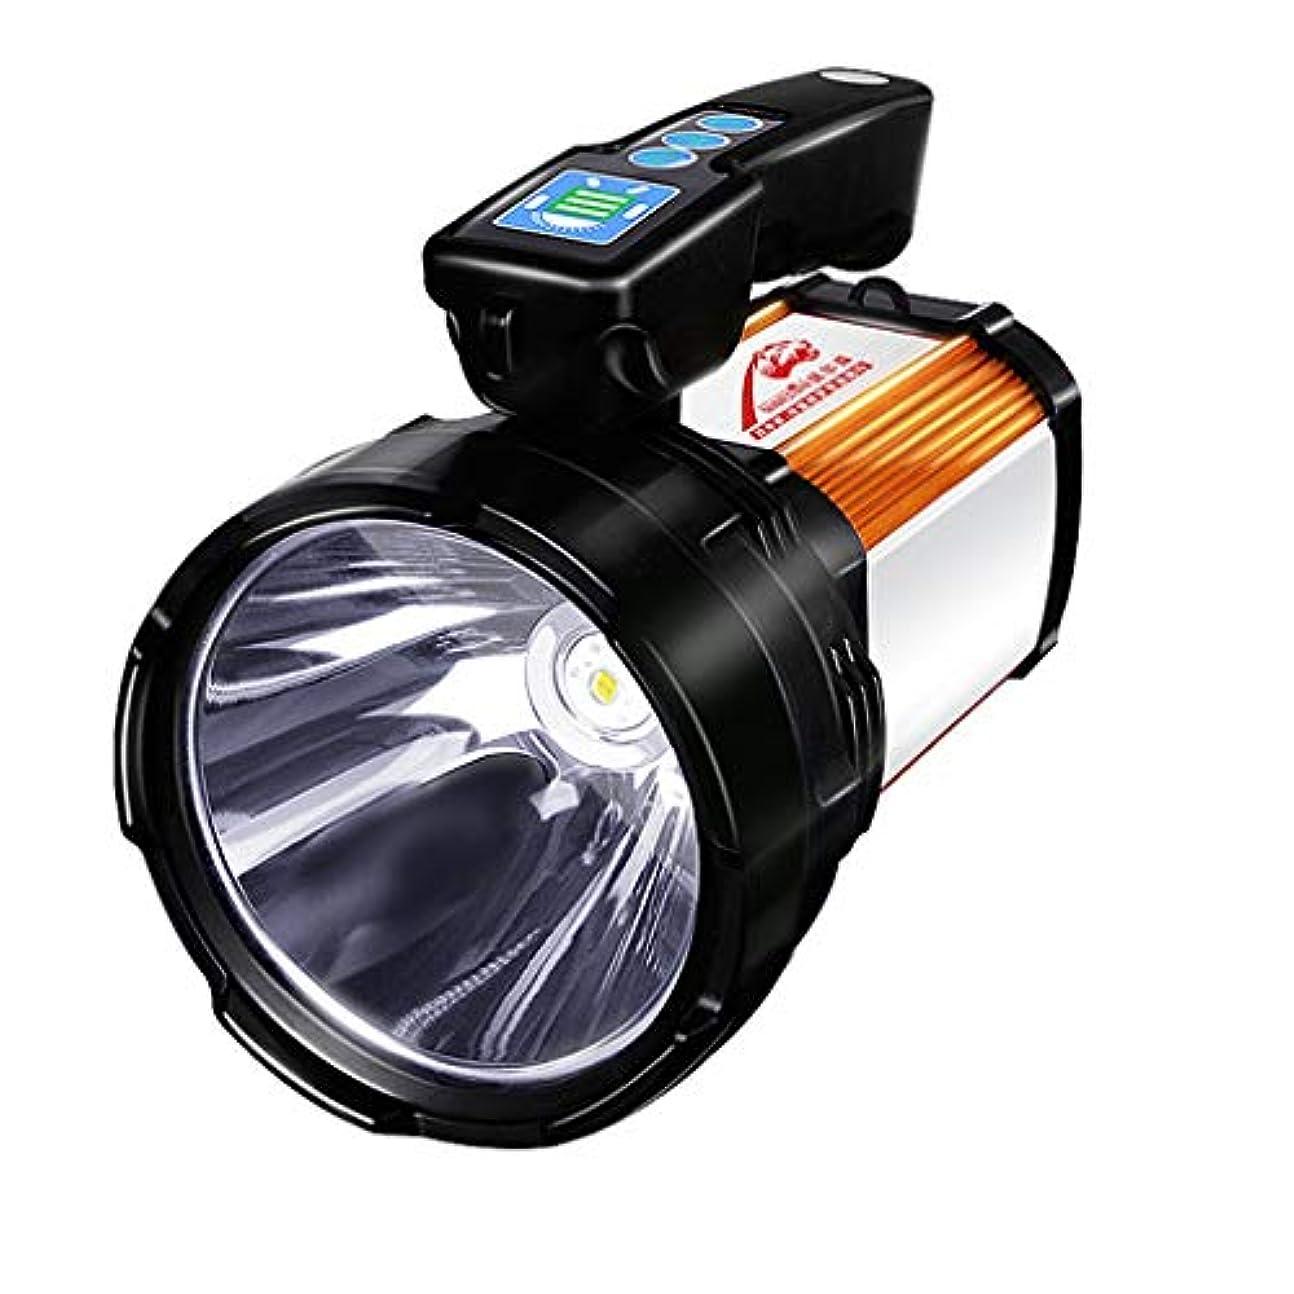 傾斜非互換比類のないContinuous 釣りライト、LEDグレア懐中電灯ソーラーエネルギーusb充電サーチライトランプナイト防水緊急多機能キセノン Long service life